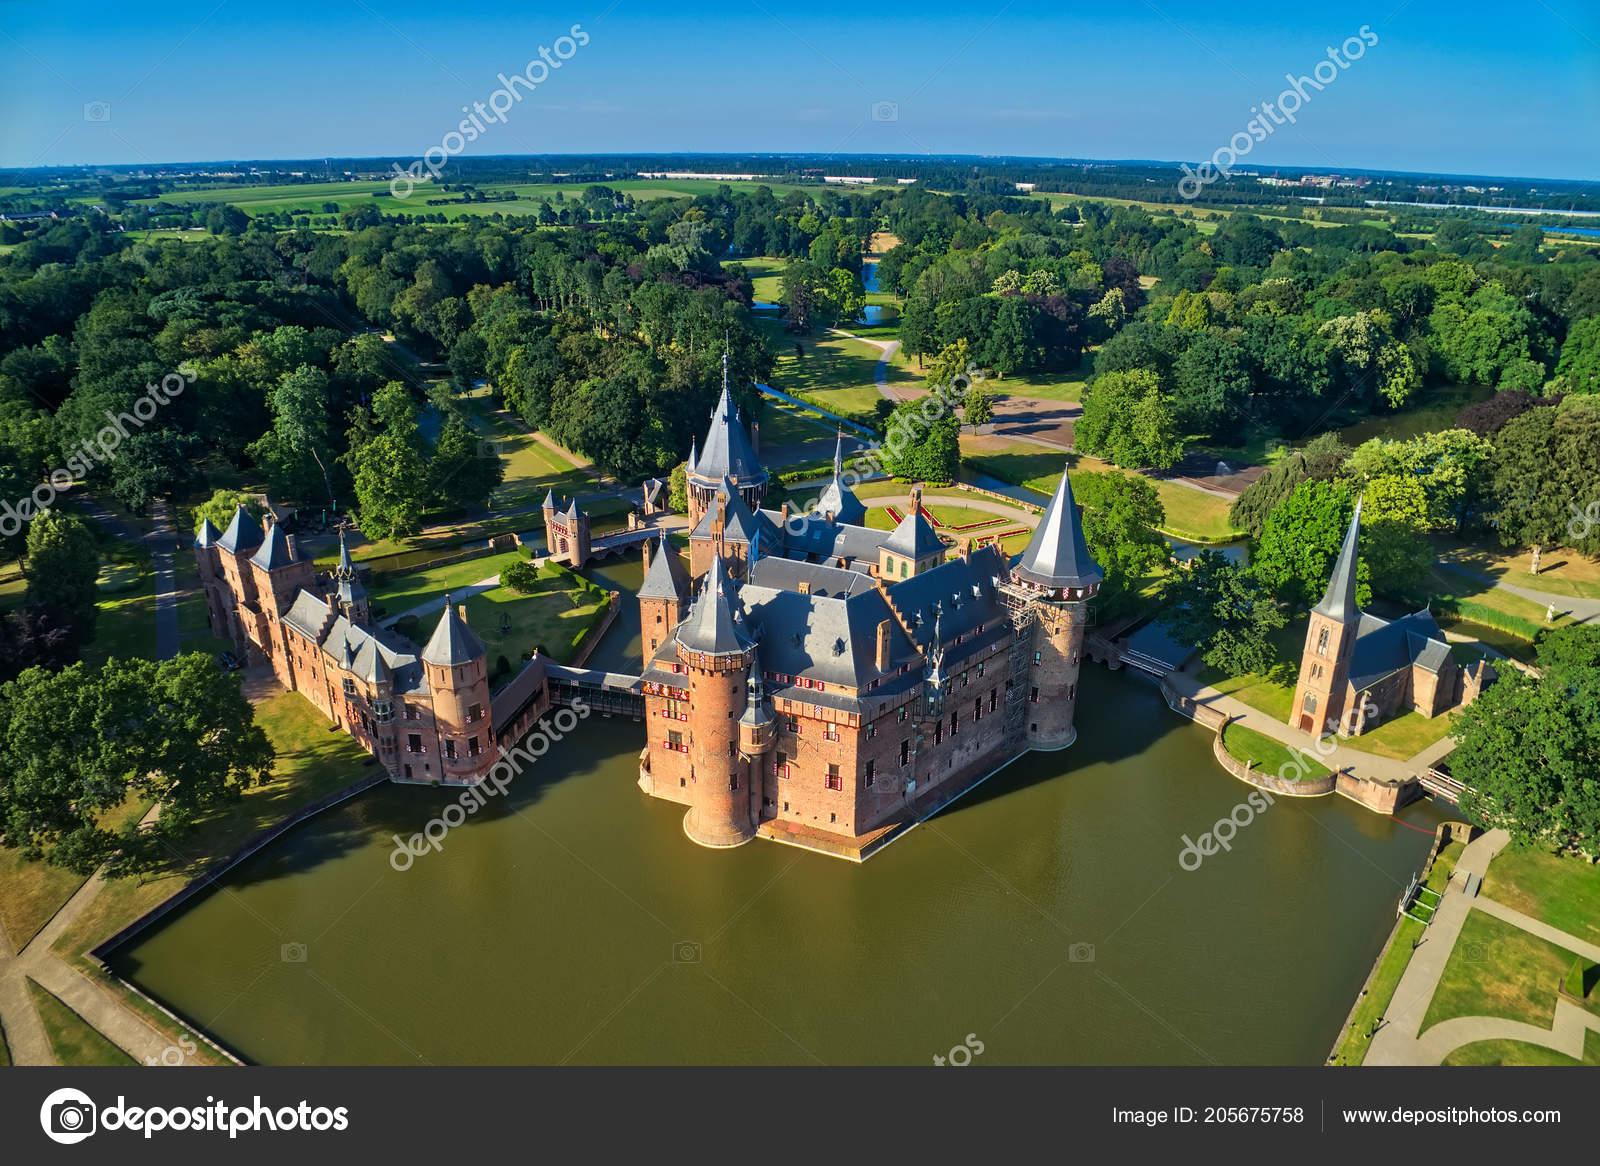 gratuit néerlandais datant